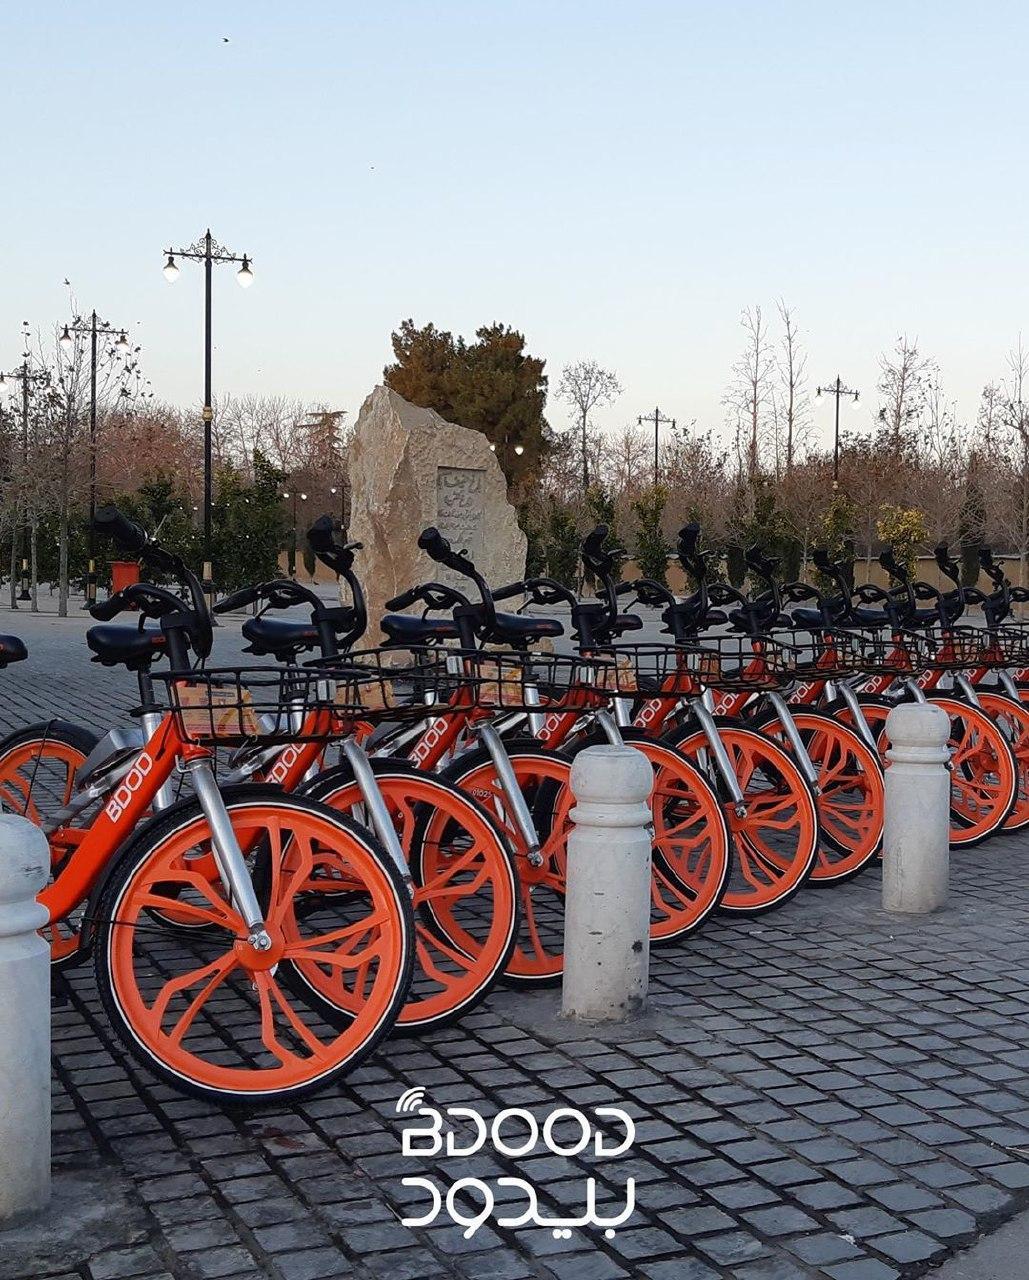 افزایش فعالیت دوچرخه های اشتراکی هوشمند در شیراز